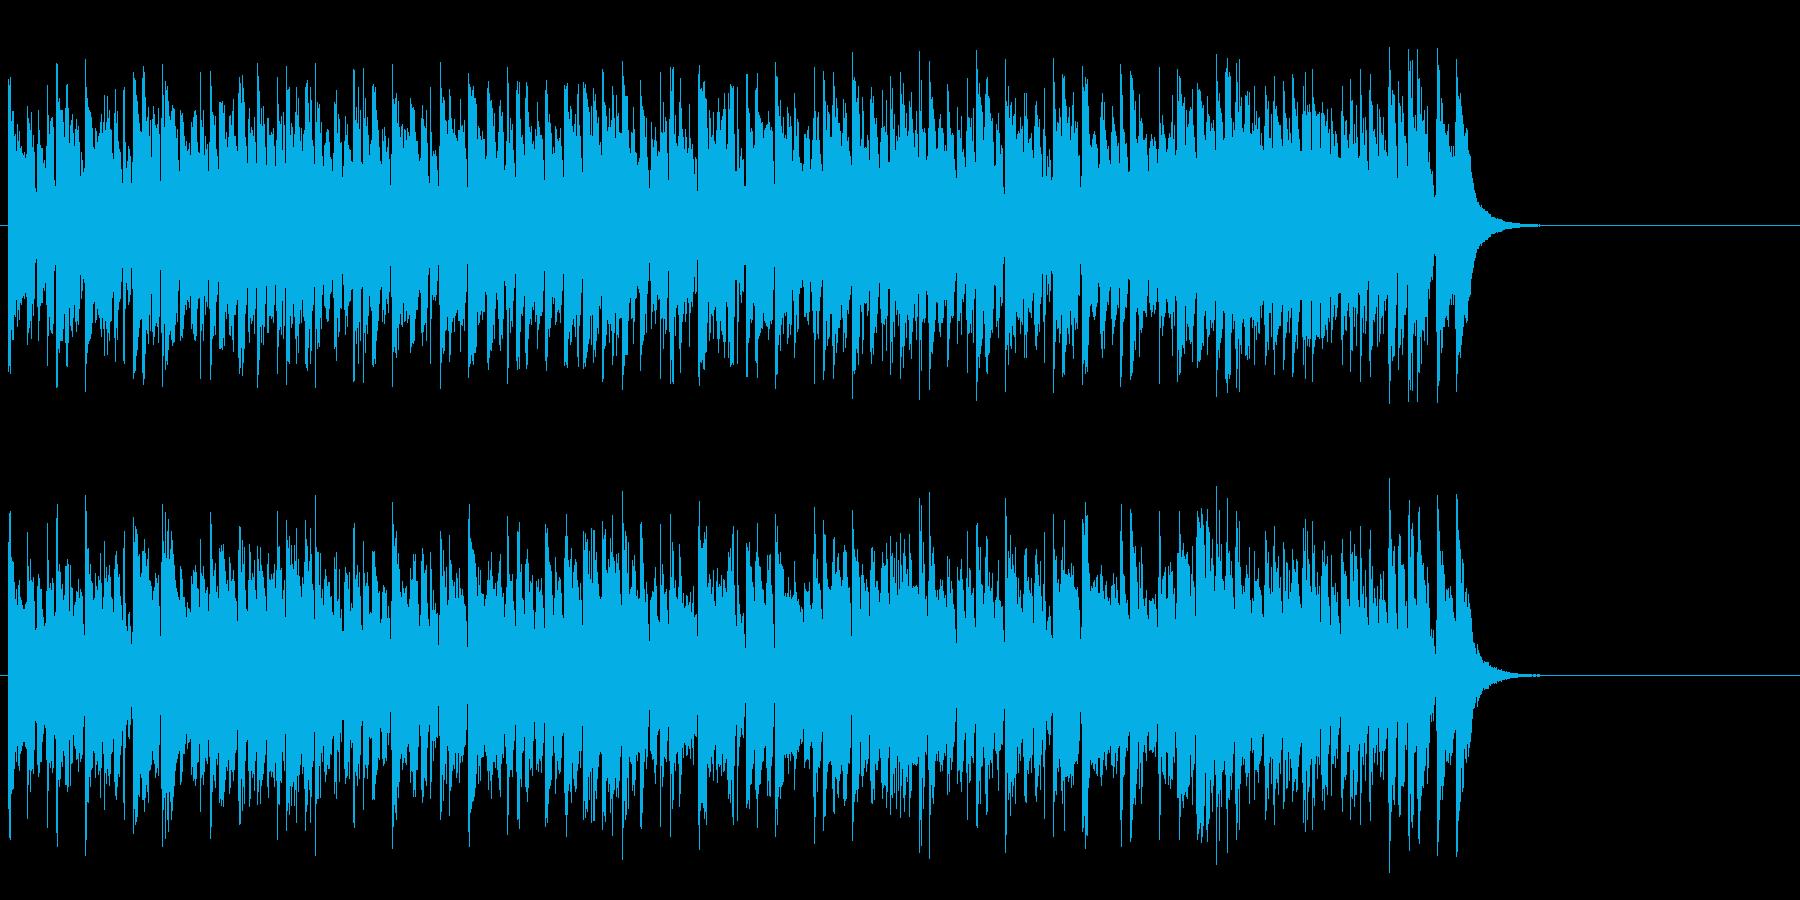 元気ハツラツOPポップス(サビ~エンド)の再生済みの波形